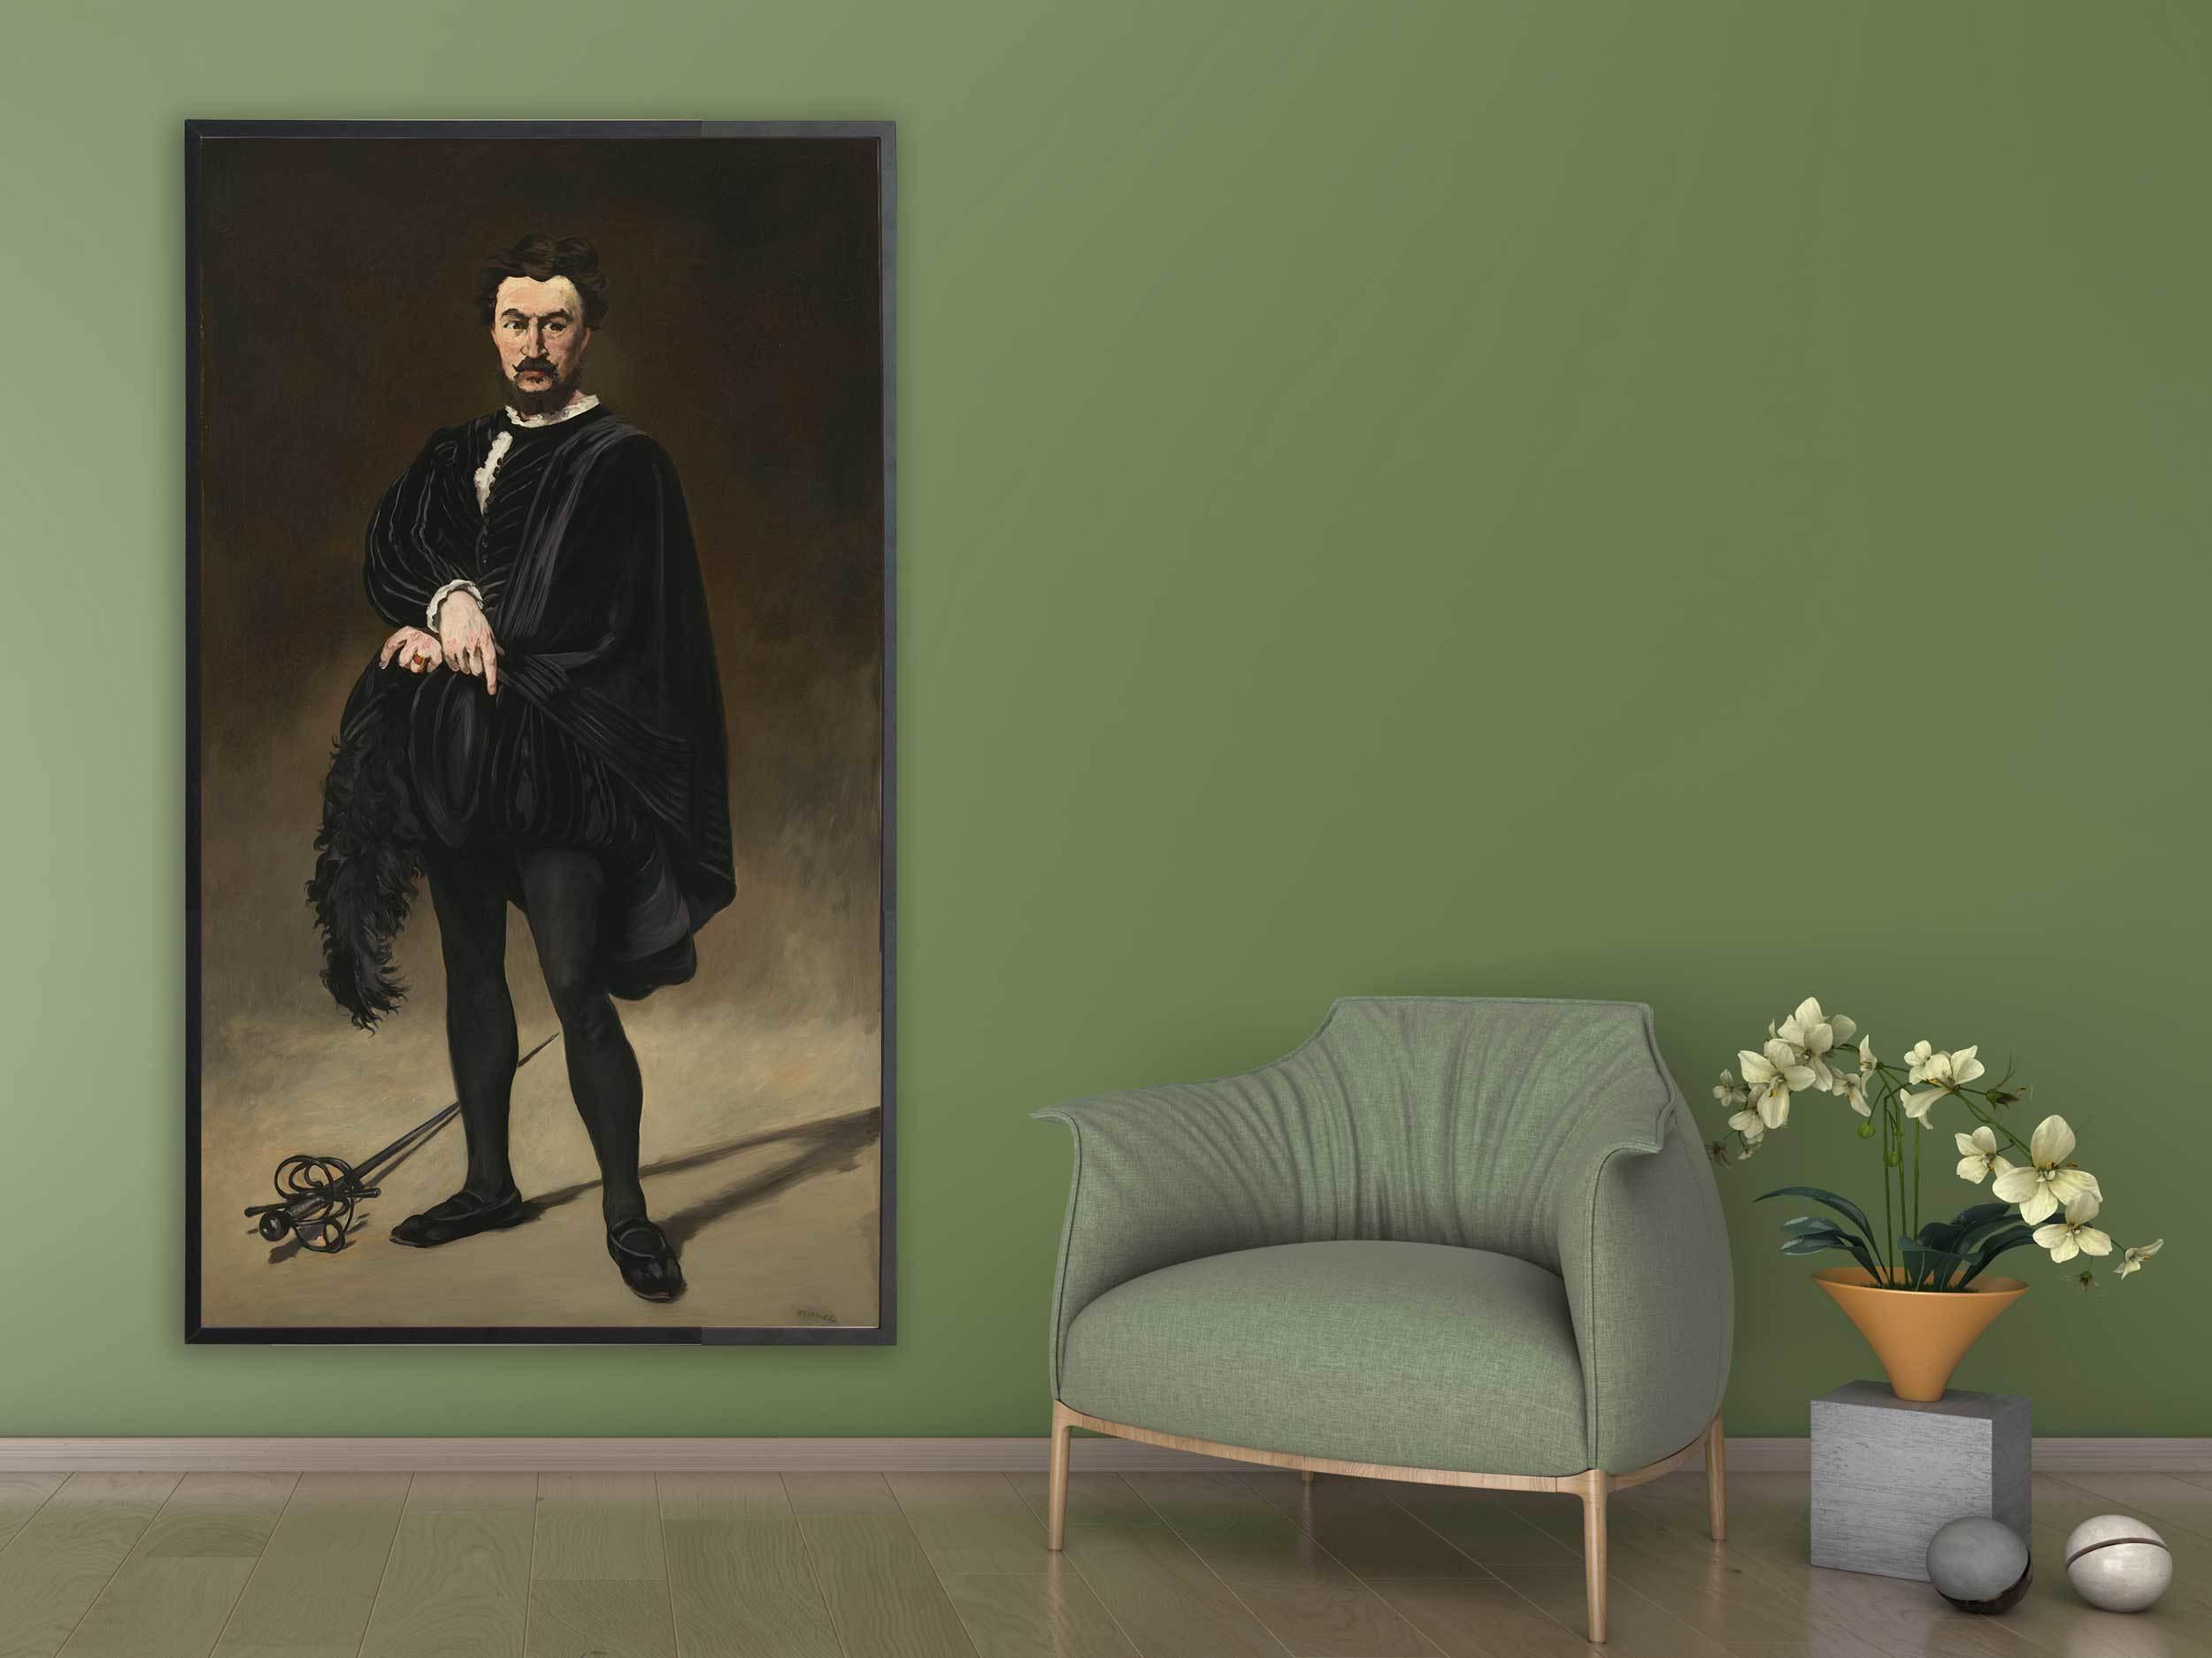 Edouard Manet - Philibert Rouviere as Hamlet, 1866, Bilderrahmen schwarz